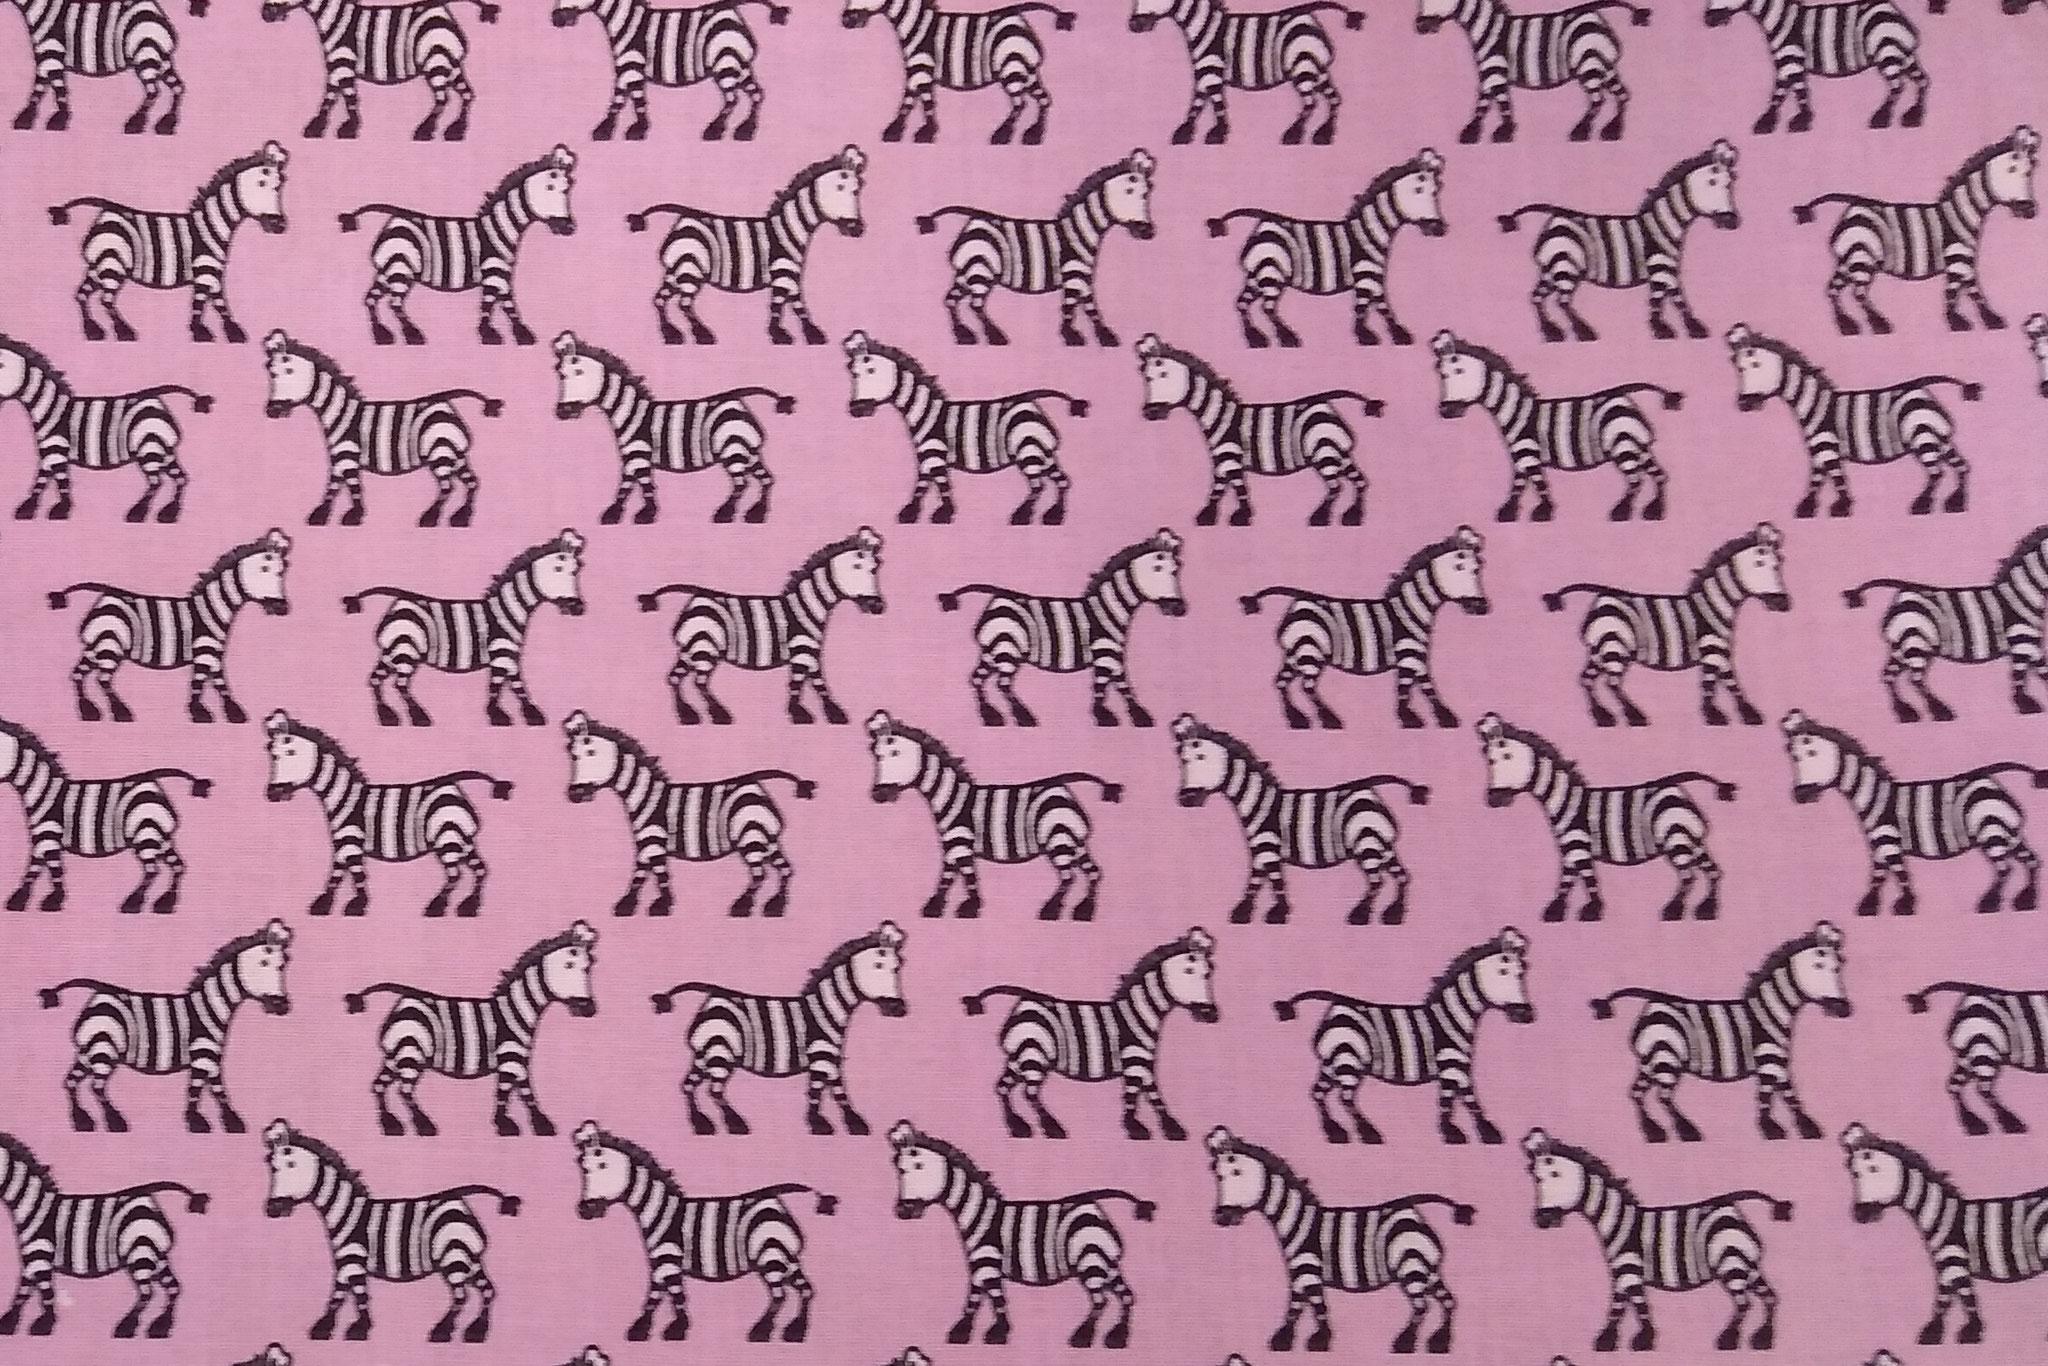 Baumwolle Zebras/ Tiere, 140cm breit, 0.5m 5.50€